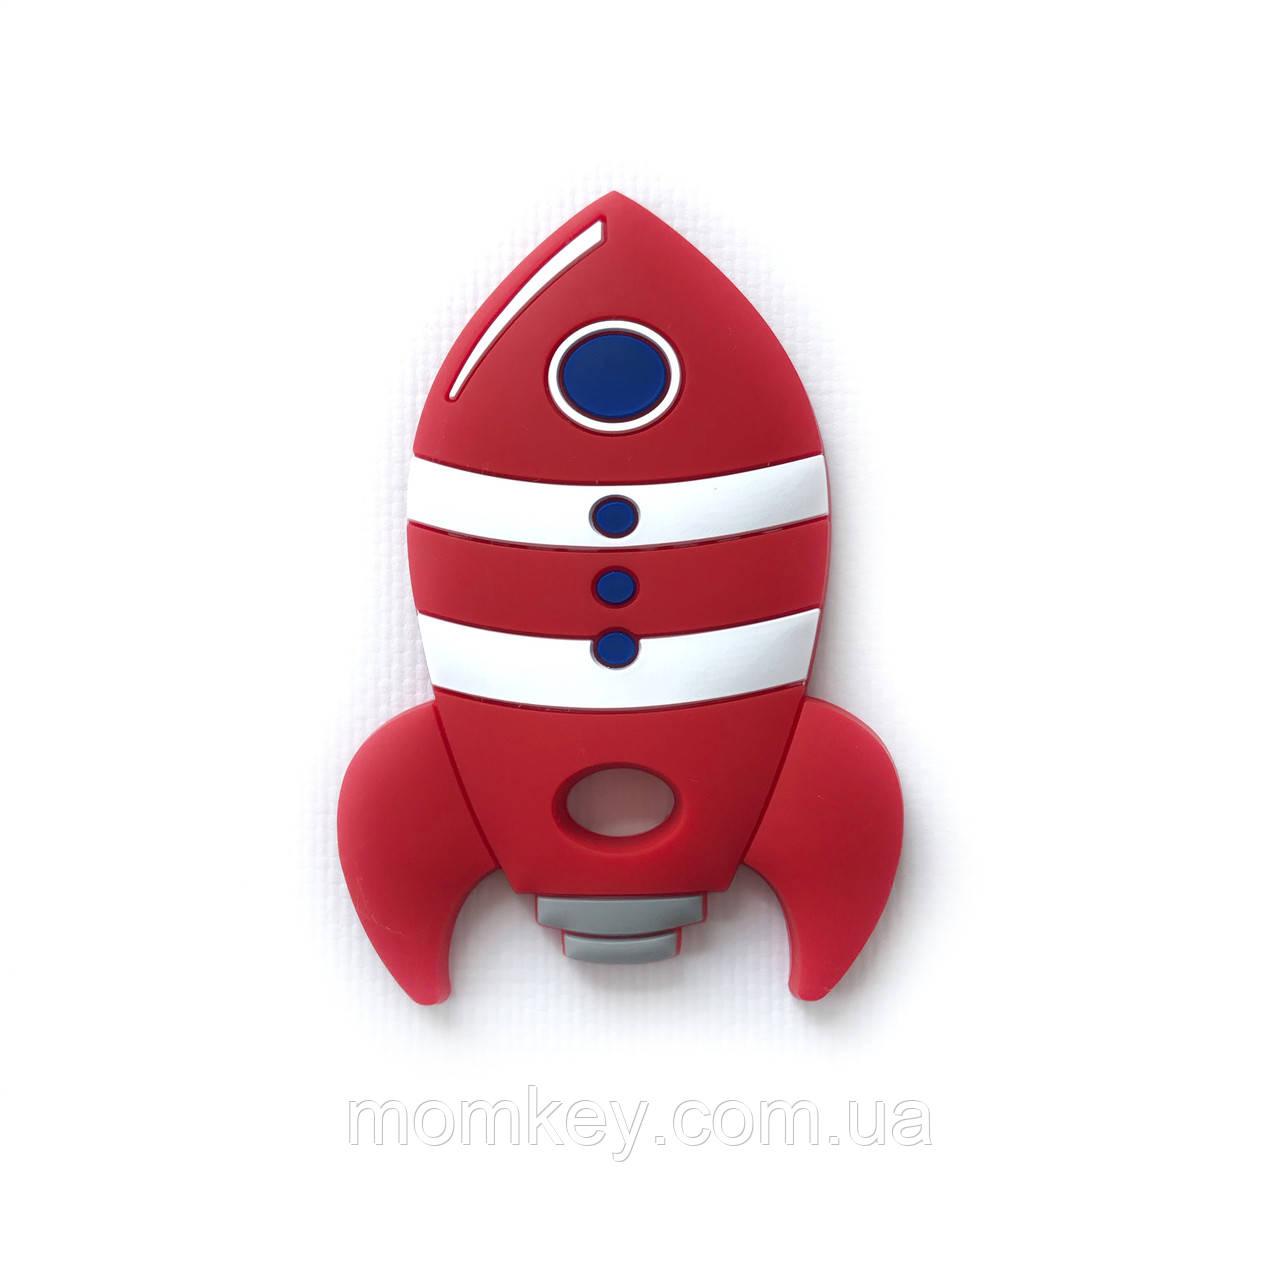 Ракета (красный)